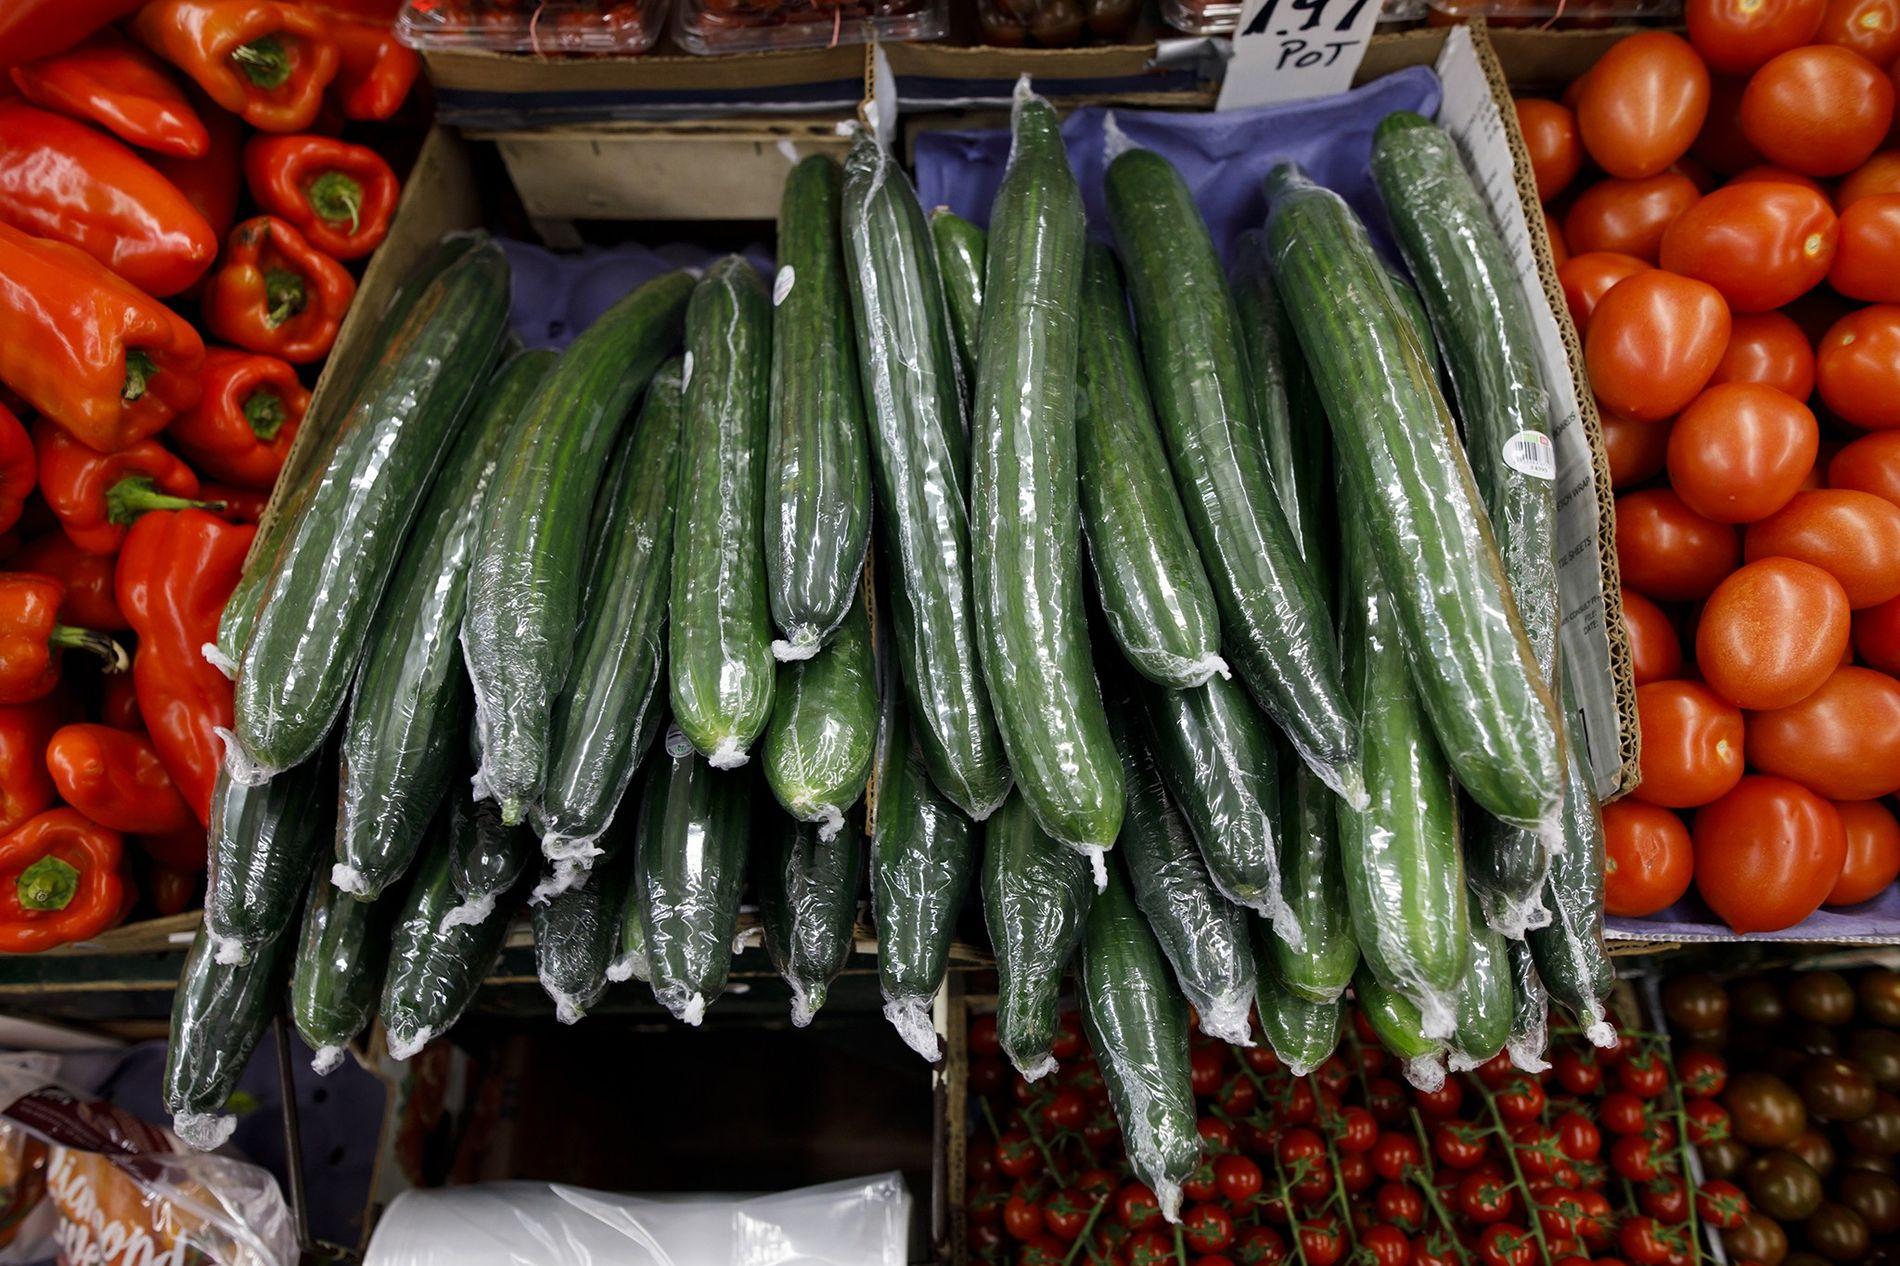 In Plastik eingeschweißte Gurken in der Auslage eines Supermarkts in Toronto. In neun von zehn Fällen waren es Lebensmittelverpackungen, die bei der letztjährigen weltweiten Strandsäuberungsaktion von Ocean Conservancy eingesammelt wurden.